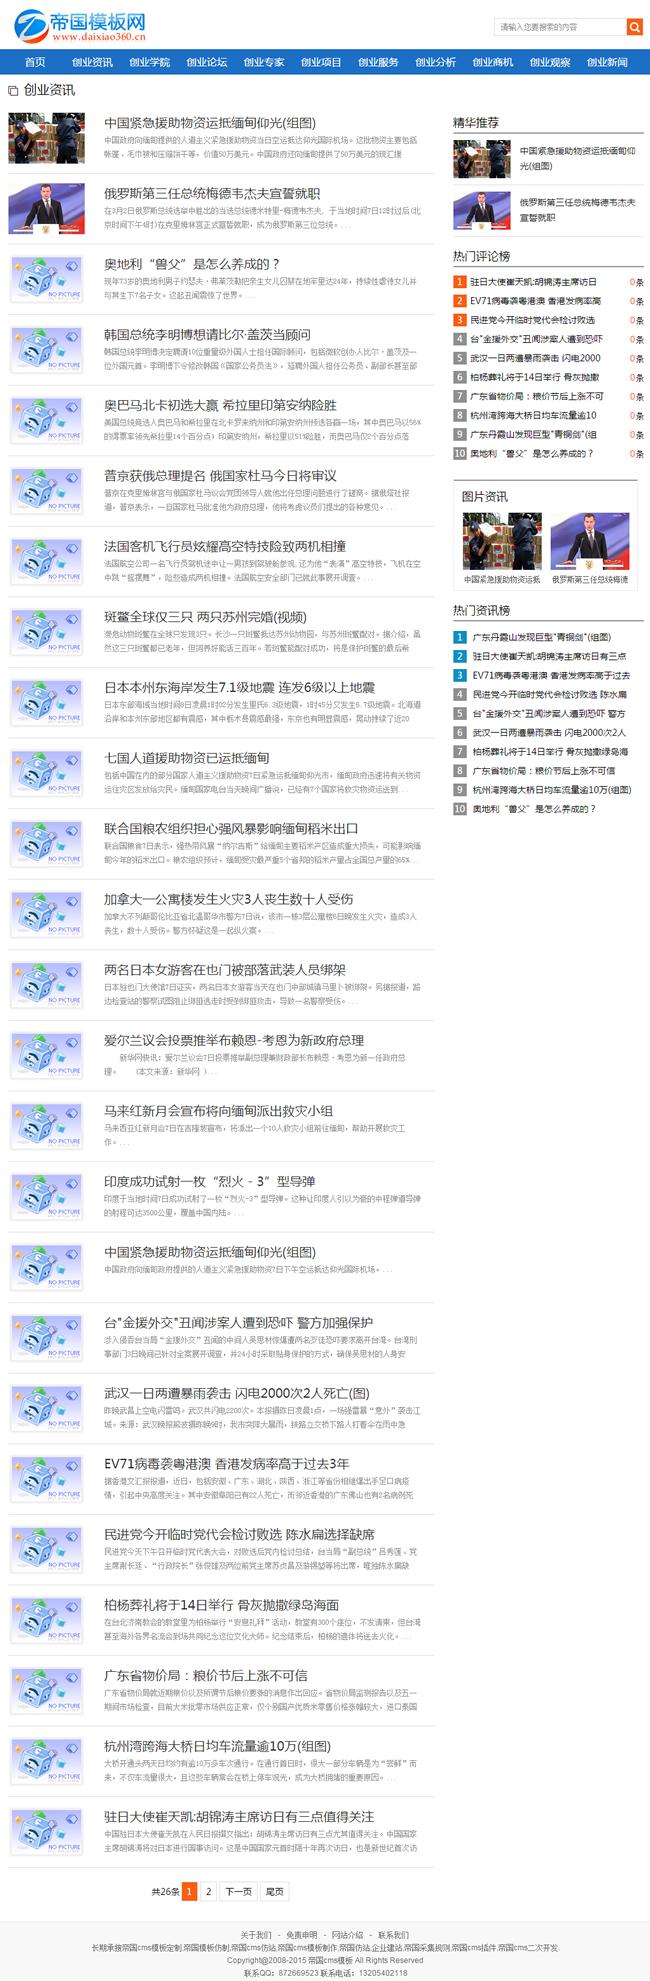 新闻文章资讯帝国cms模板蓝色系_列表页